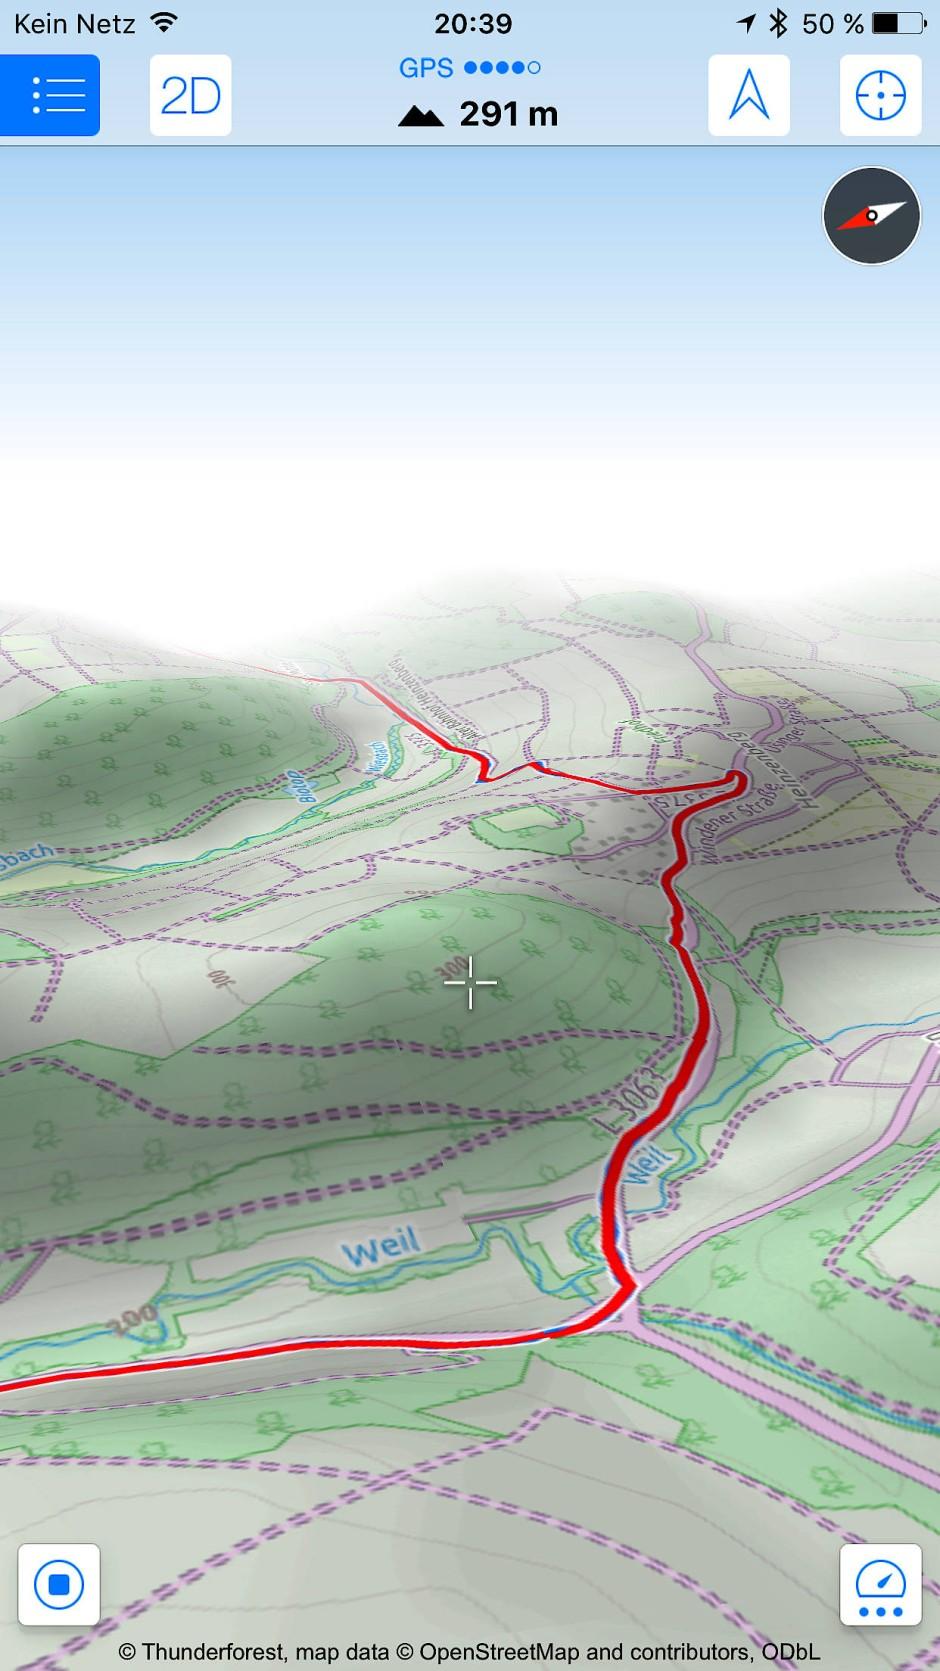 Mit Maps 3D pro auf dem iPhone geplant – und dann brav der Route gefolgt.